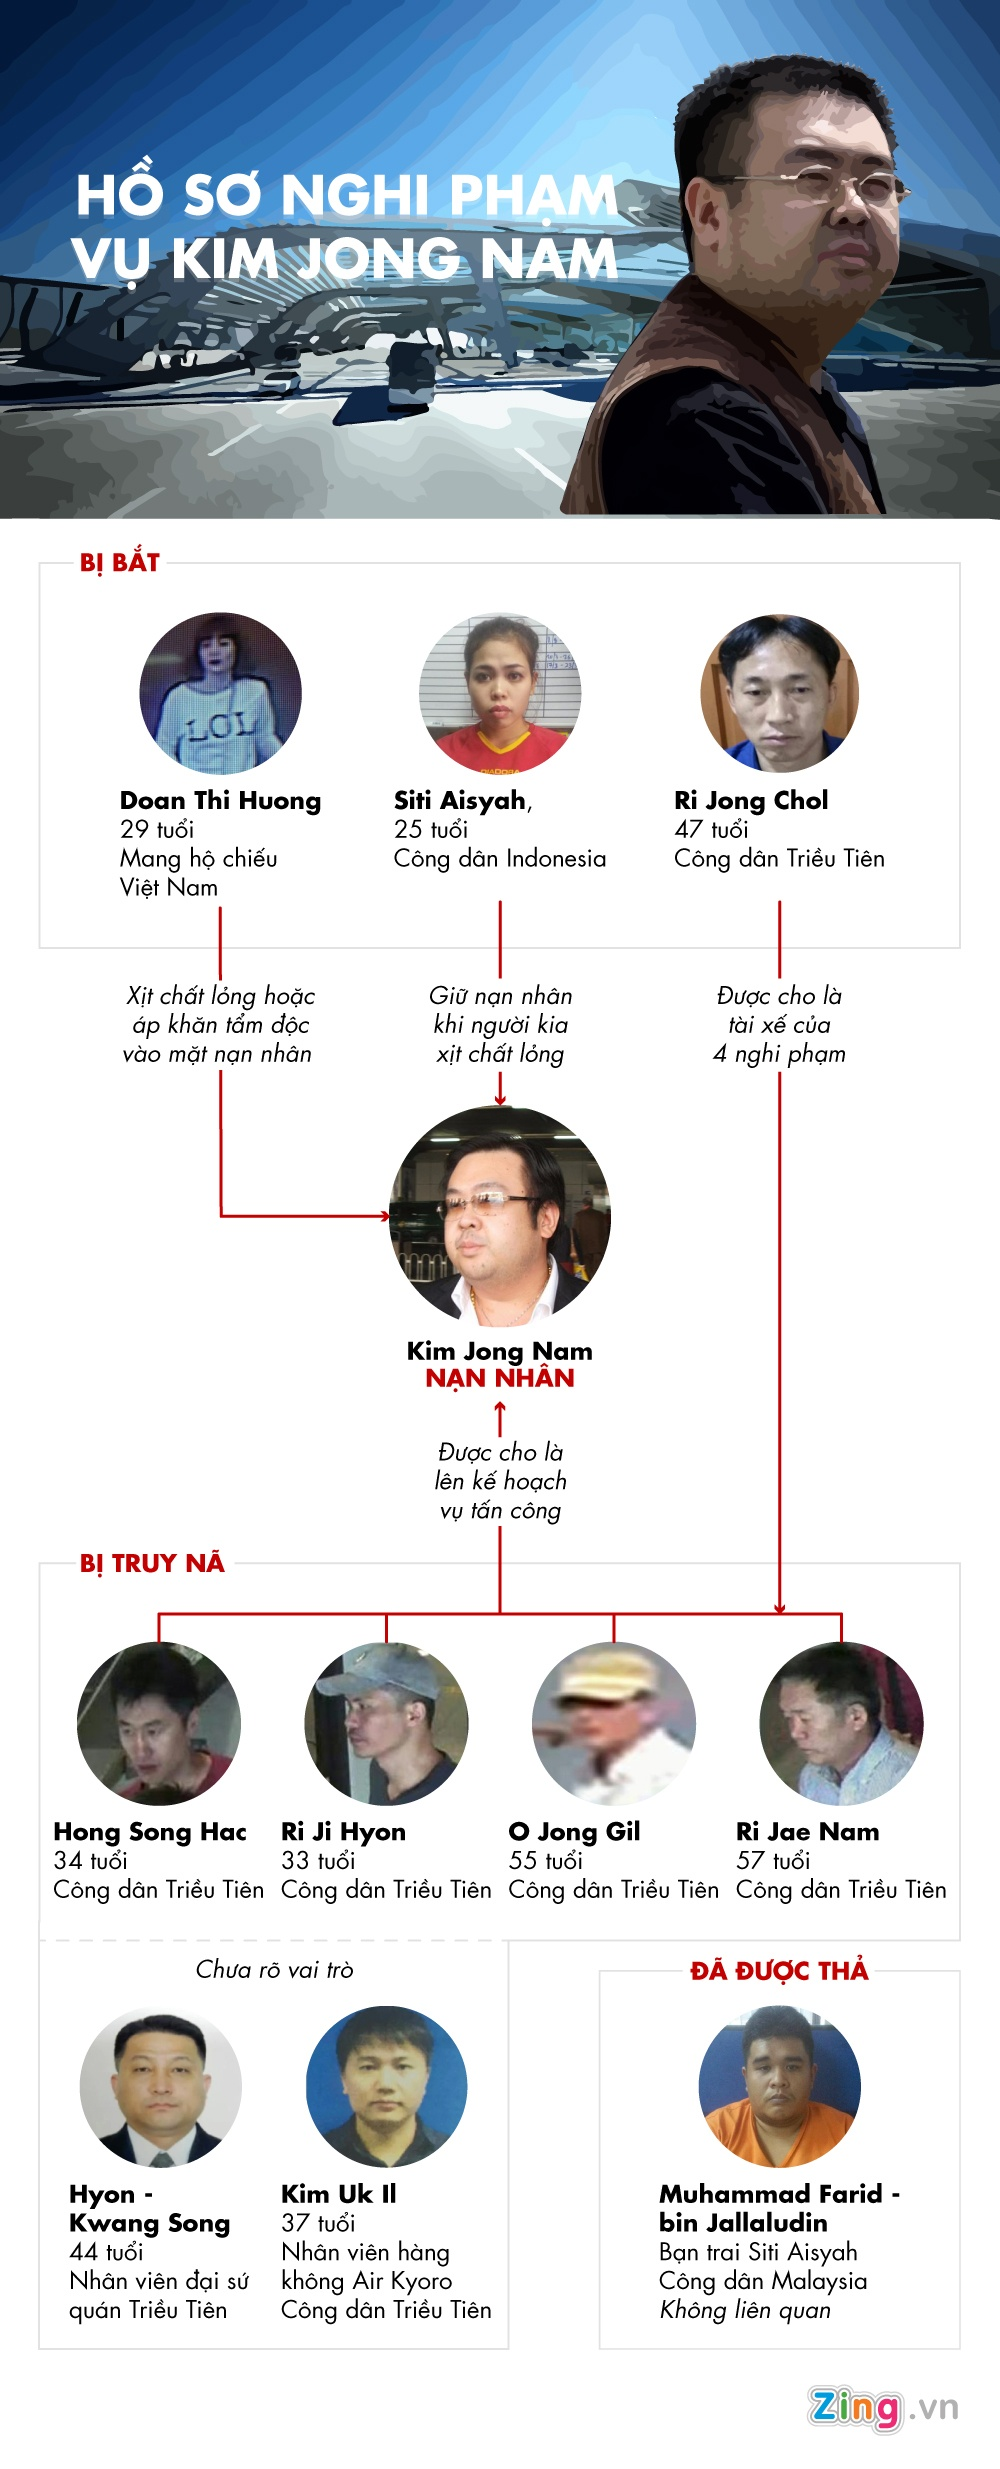 Kim Jong Nam chet anh 1